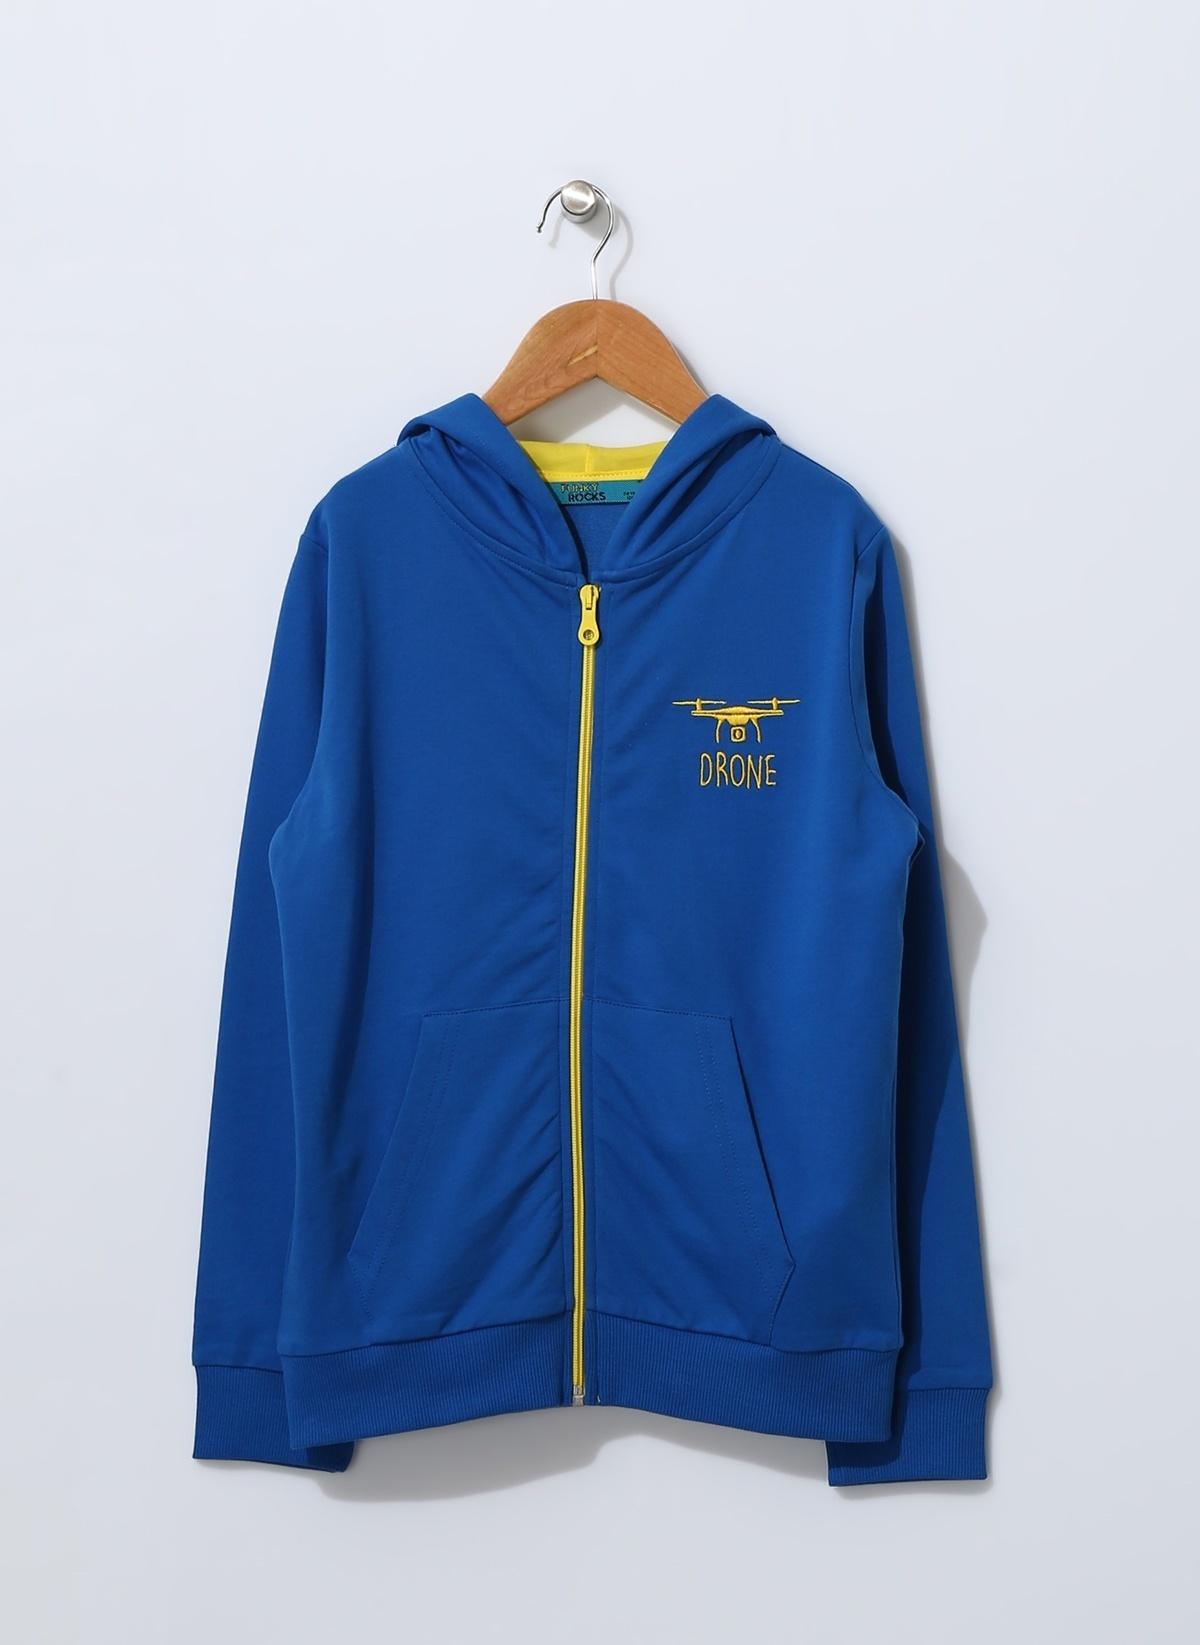 Funky Rocks Sweatshirt 18-basfr-35 Sweatmont – 49.99 TL